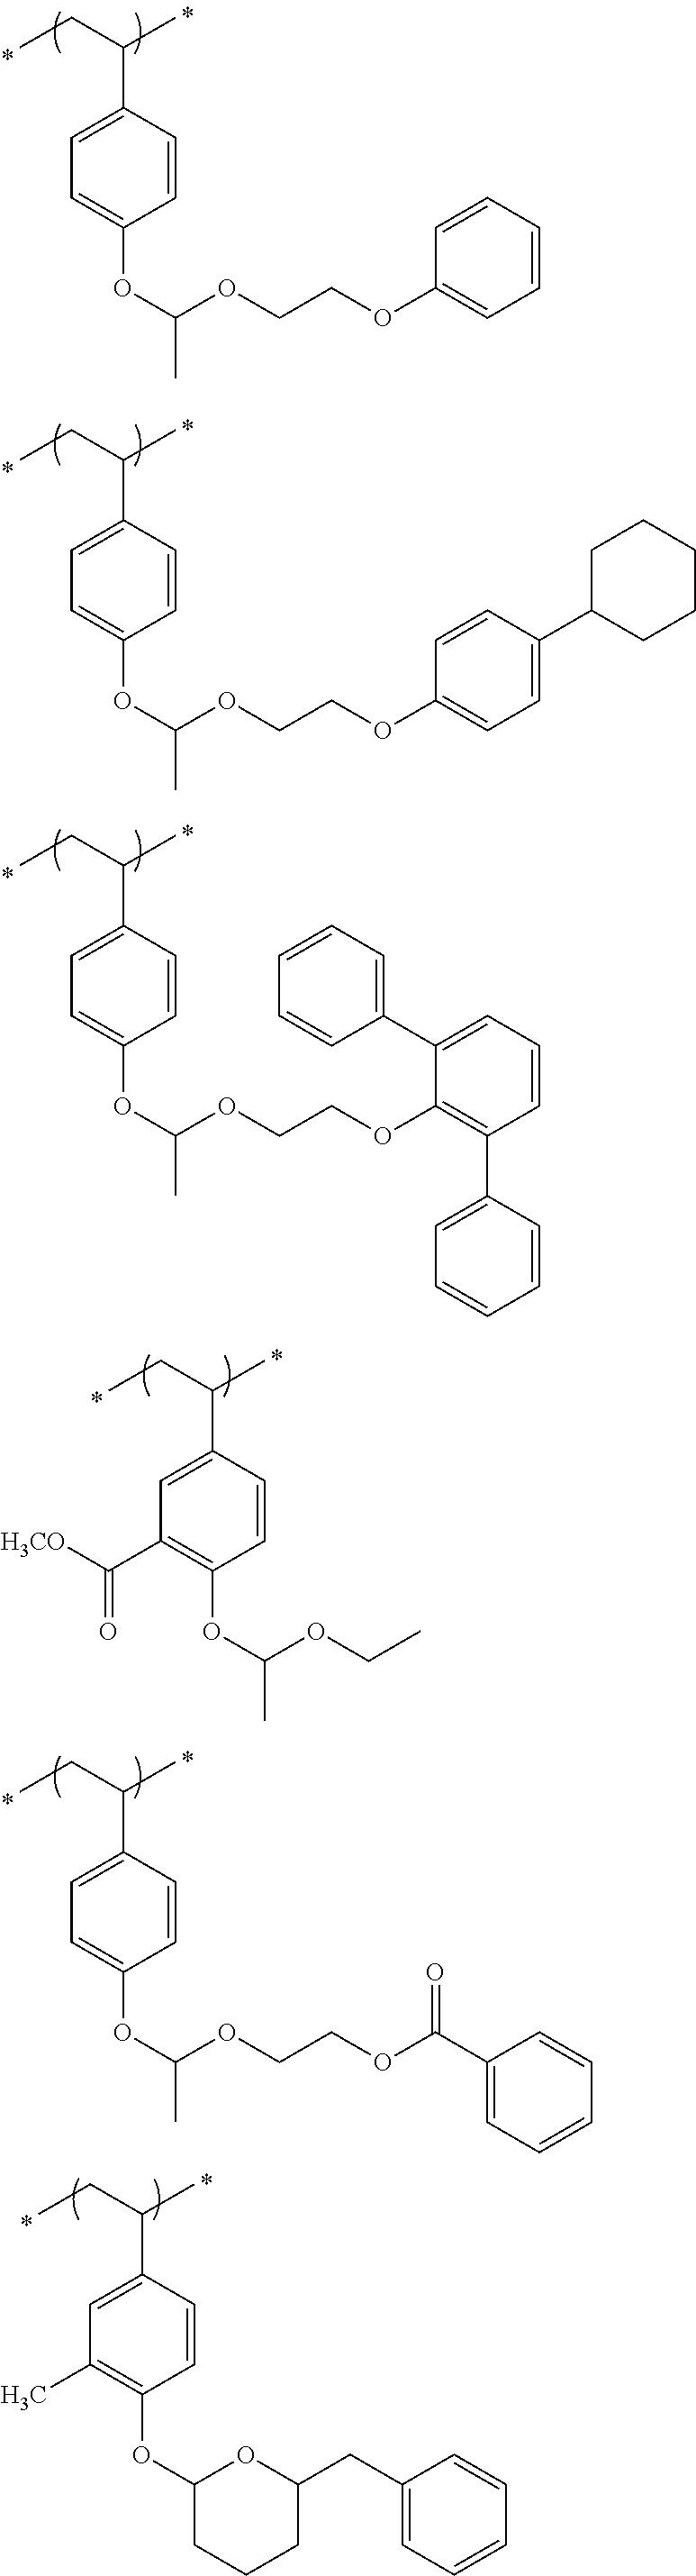 Figure US20110183258A1-20110728-C00063